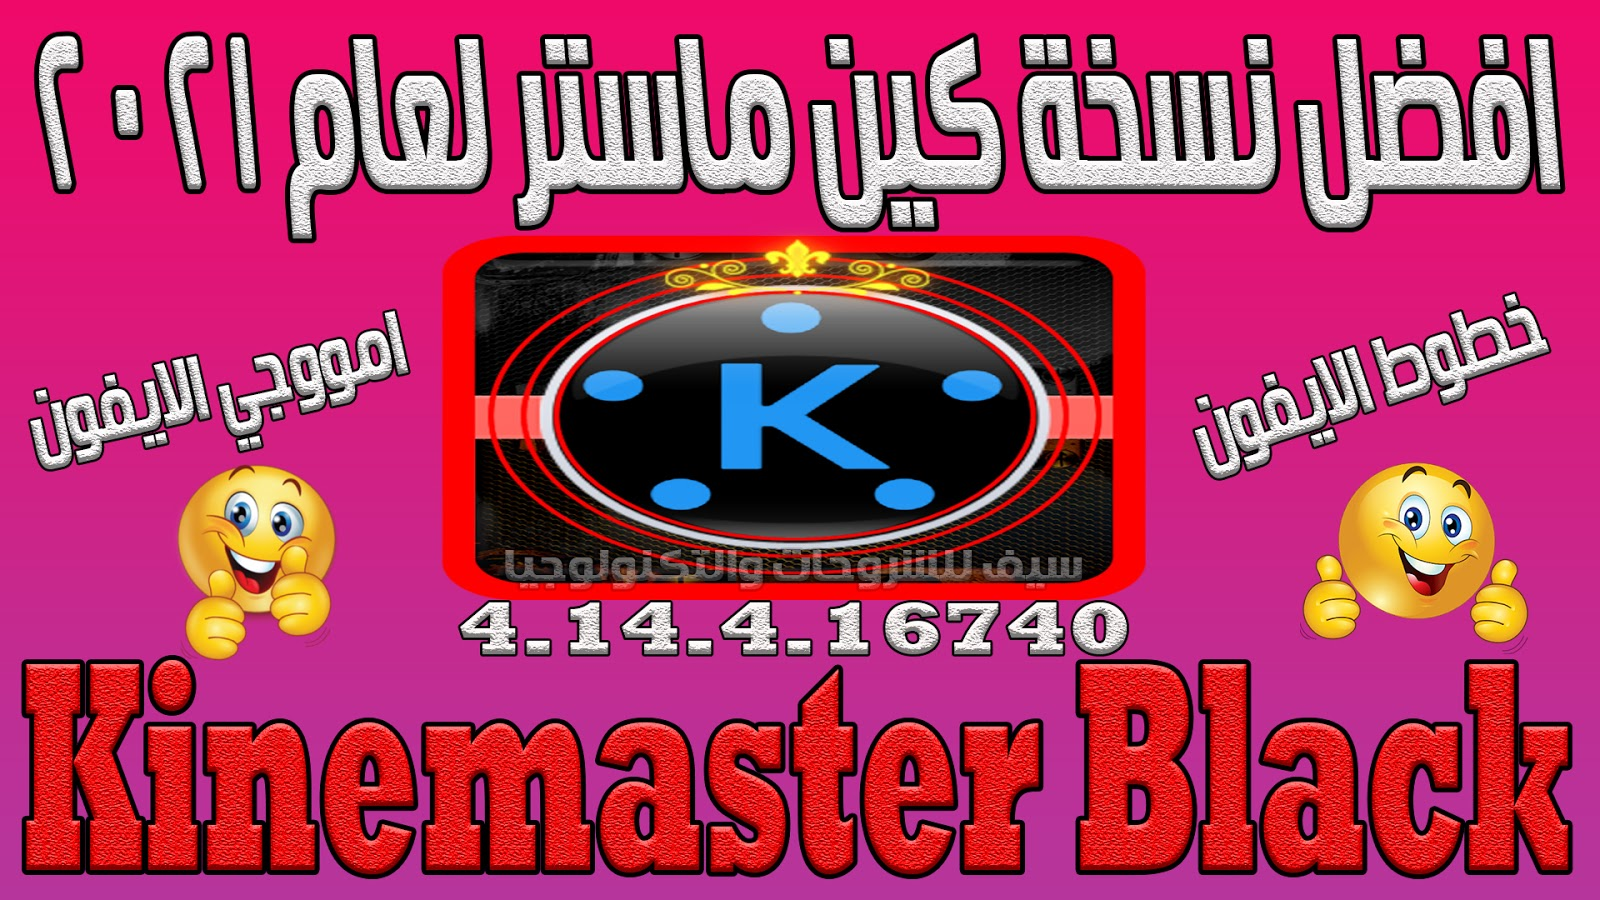 تحميل افضل نسخة كين ماستر 2021 - 2021 Kinemaster Black بأضافات رائعة كنا ننتظرها